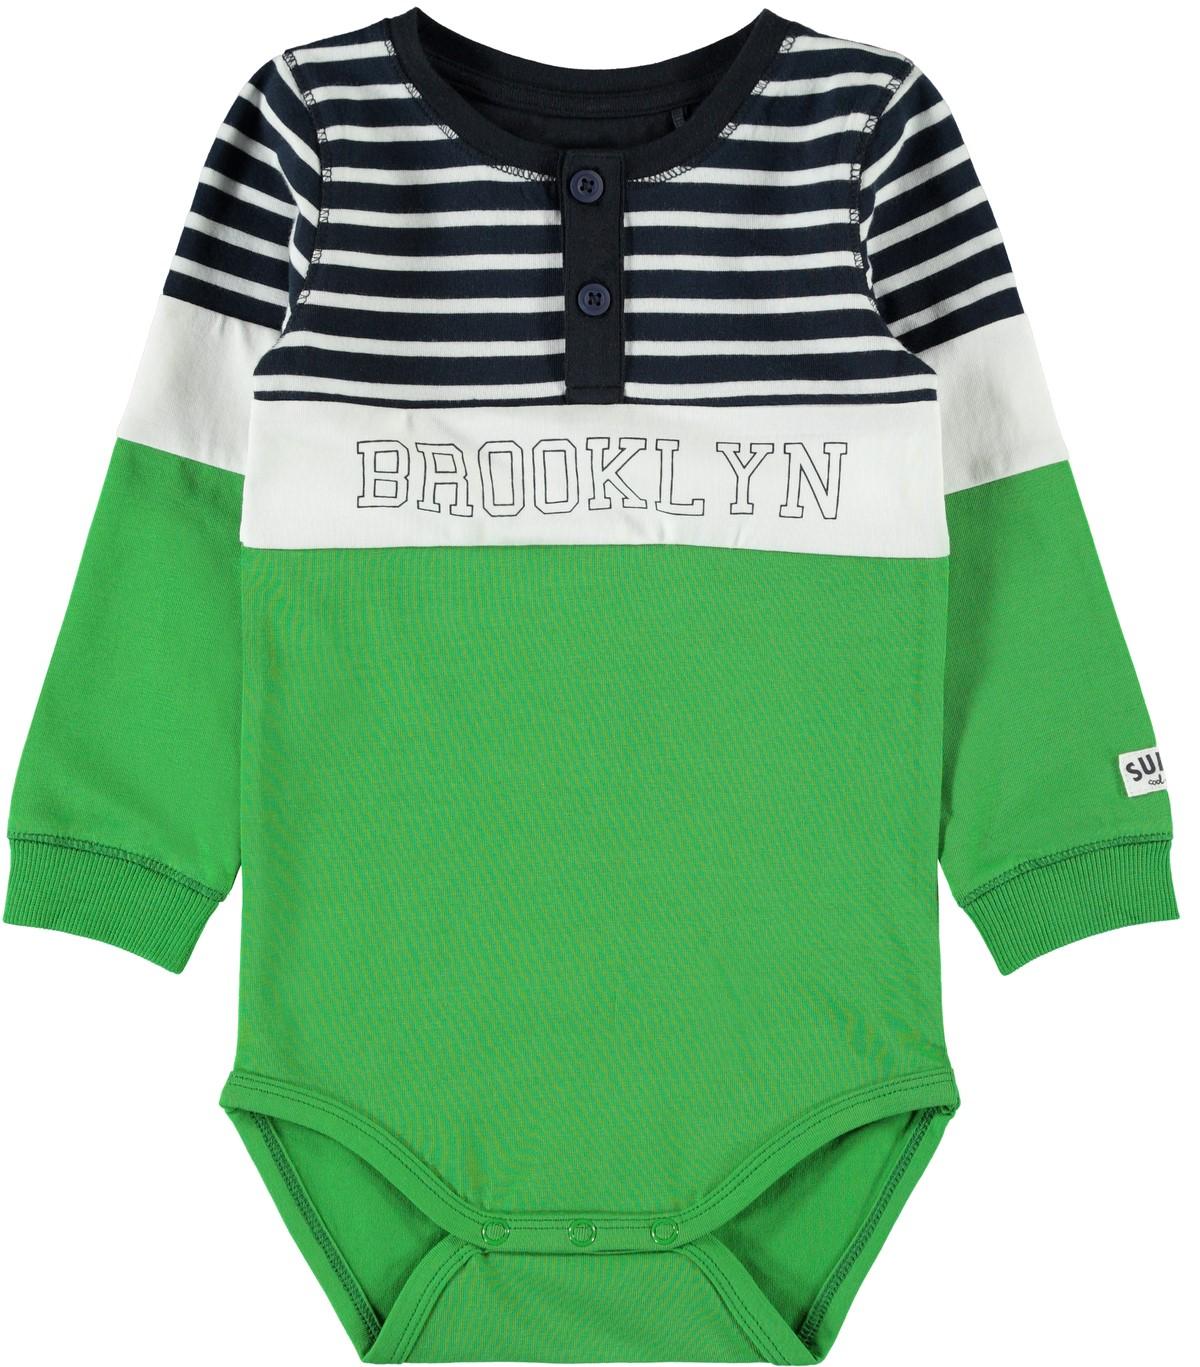 c994ae4e Name It grønn body. Body fra Name It. Blå og grønn body til barn.